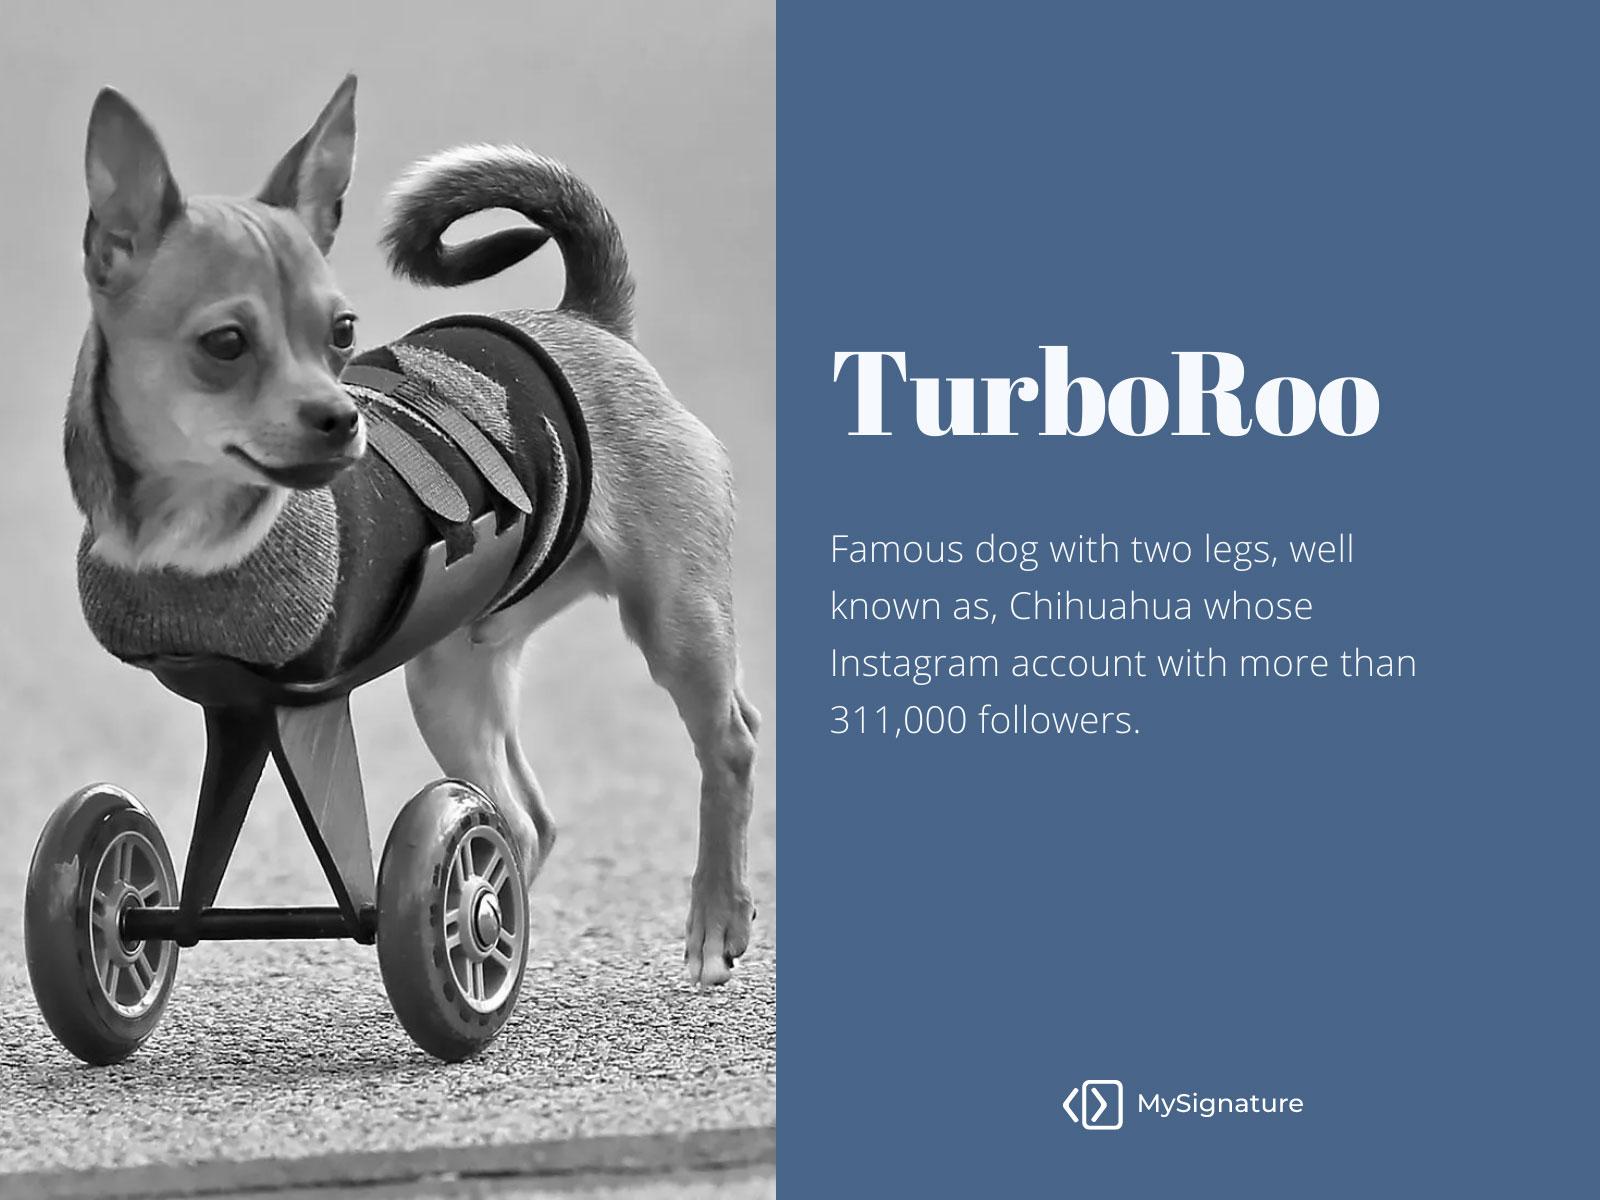 turboroo